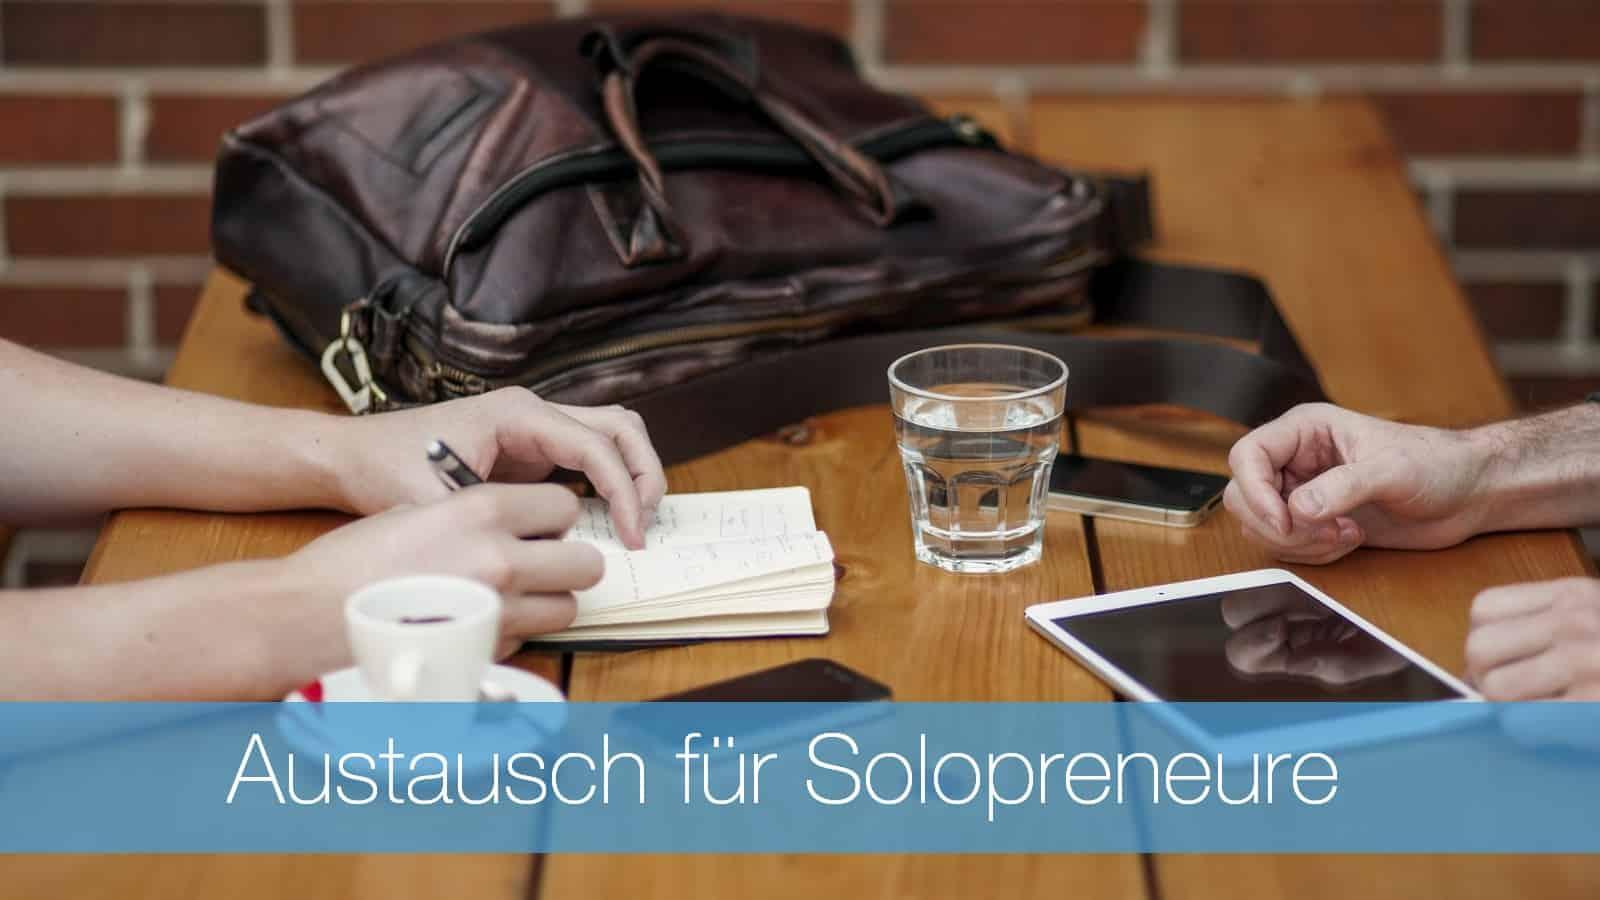 Austausch-Solopreneure